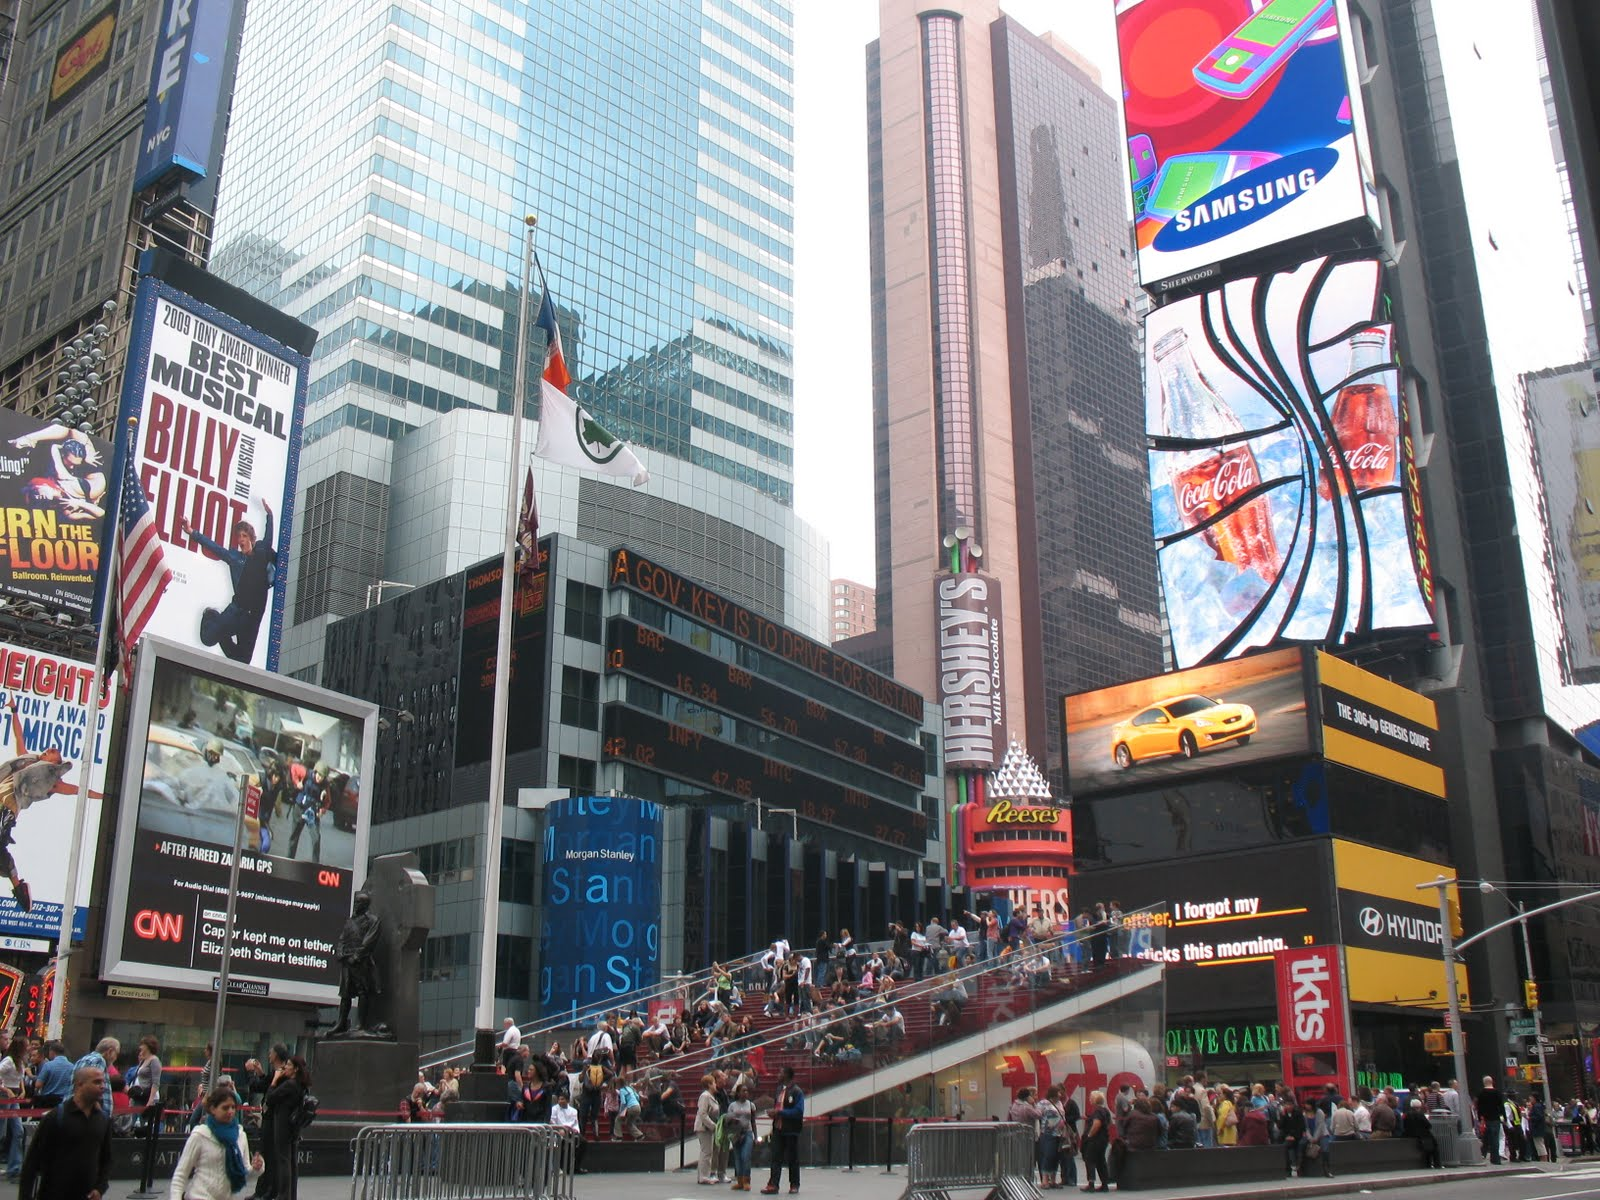 La herida de Paris]: Crónicas de NYC II